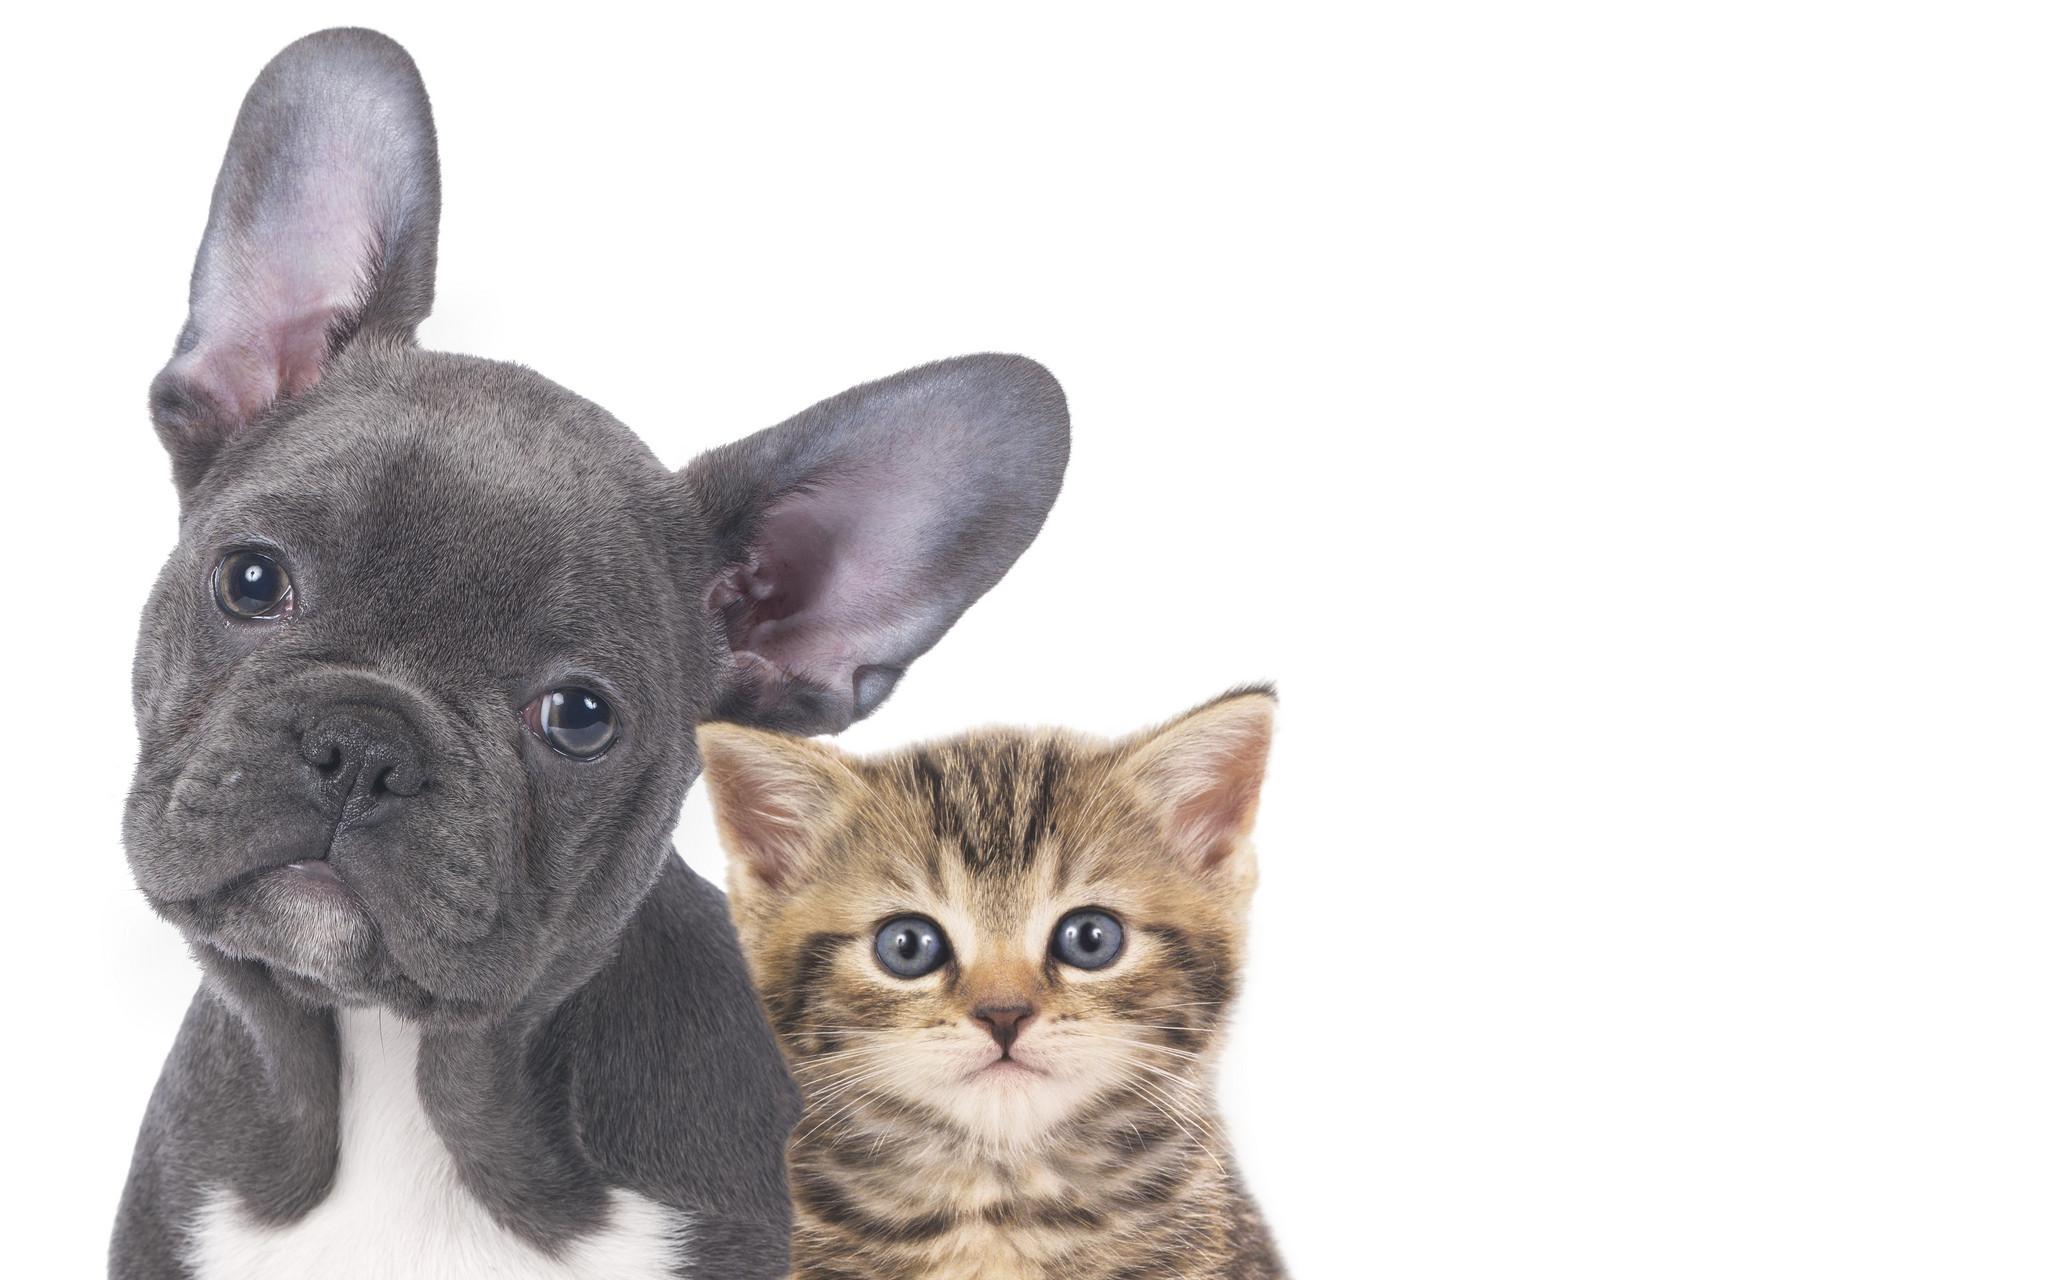 El reconocimiento facial en animales